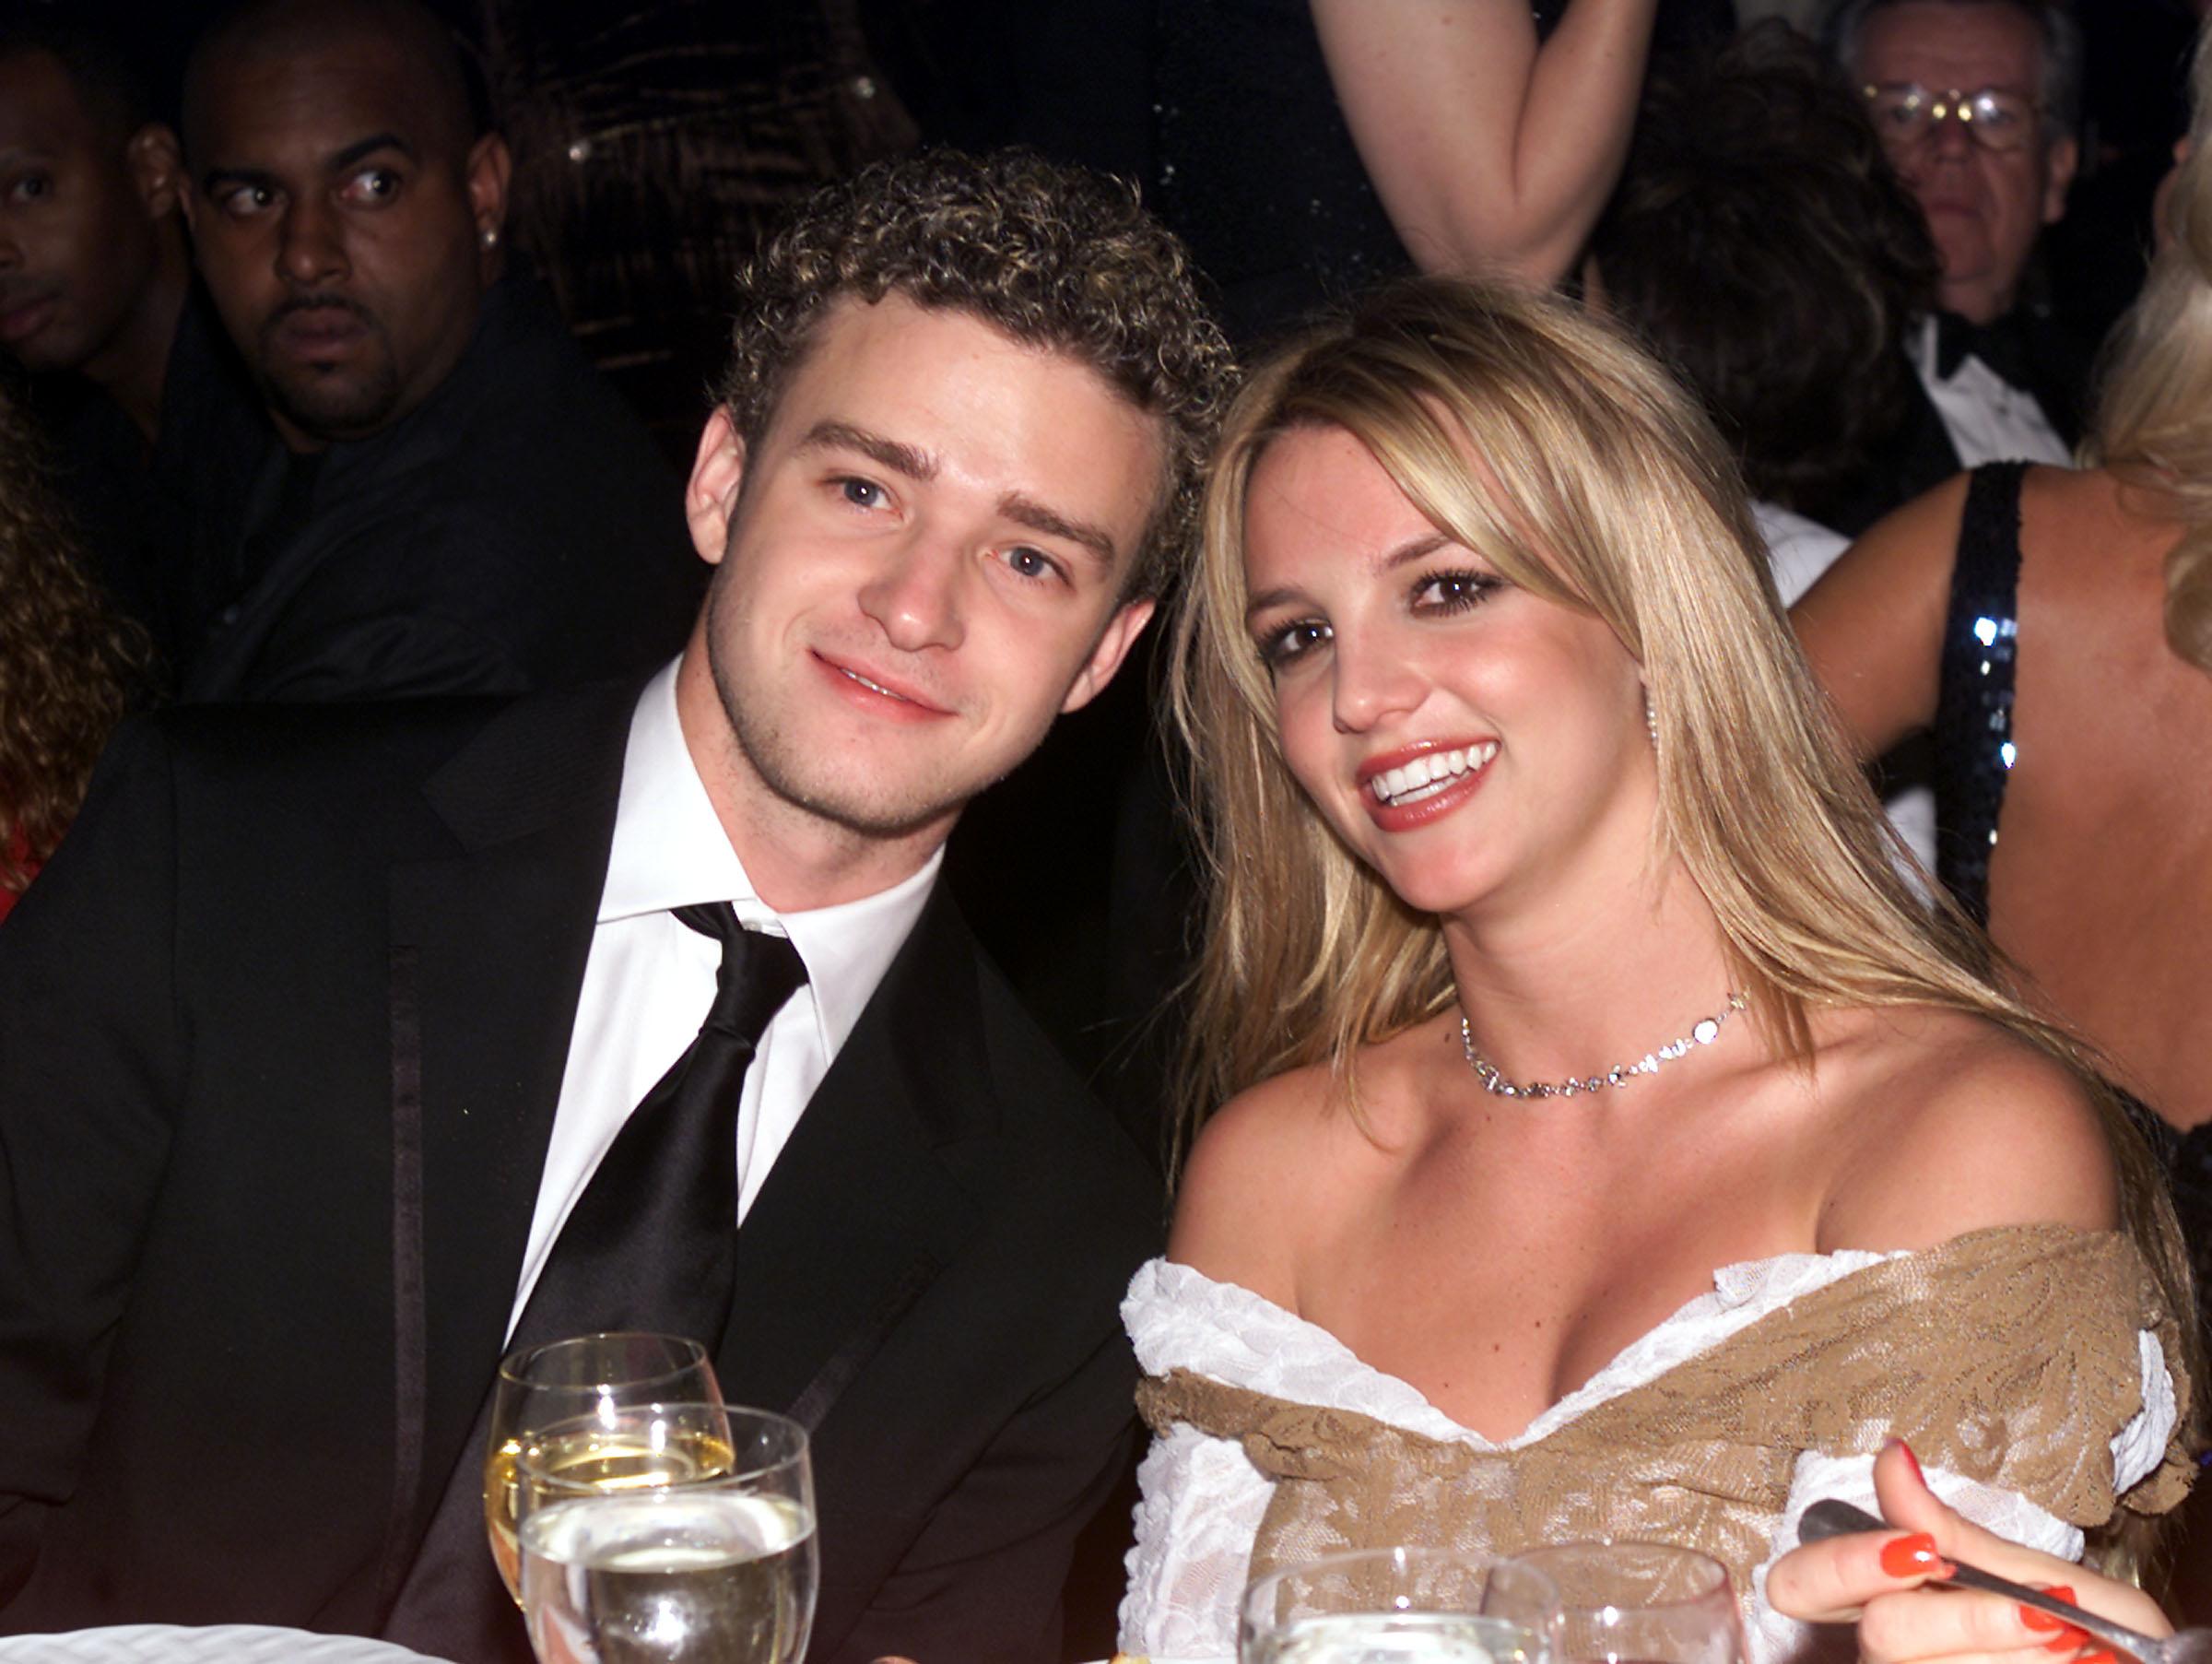 Джастин Тимберлейк и Бритни Спирс встречались четыре года